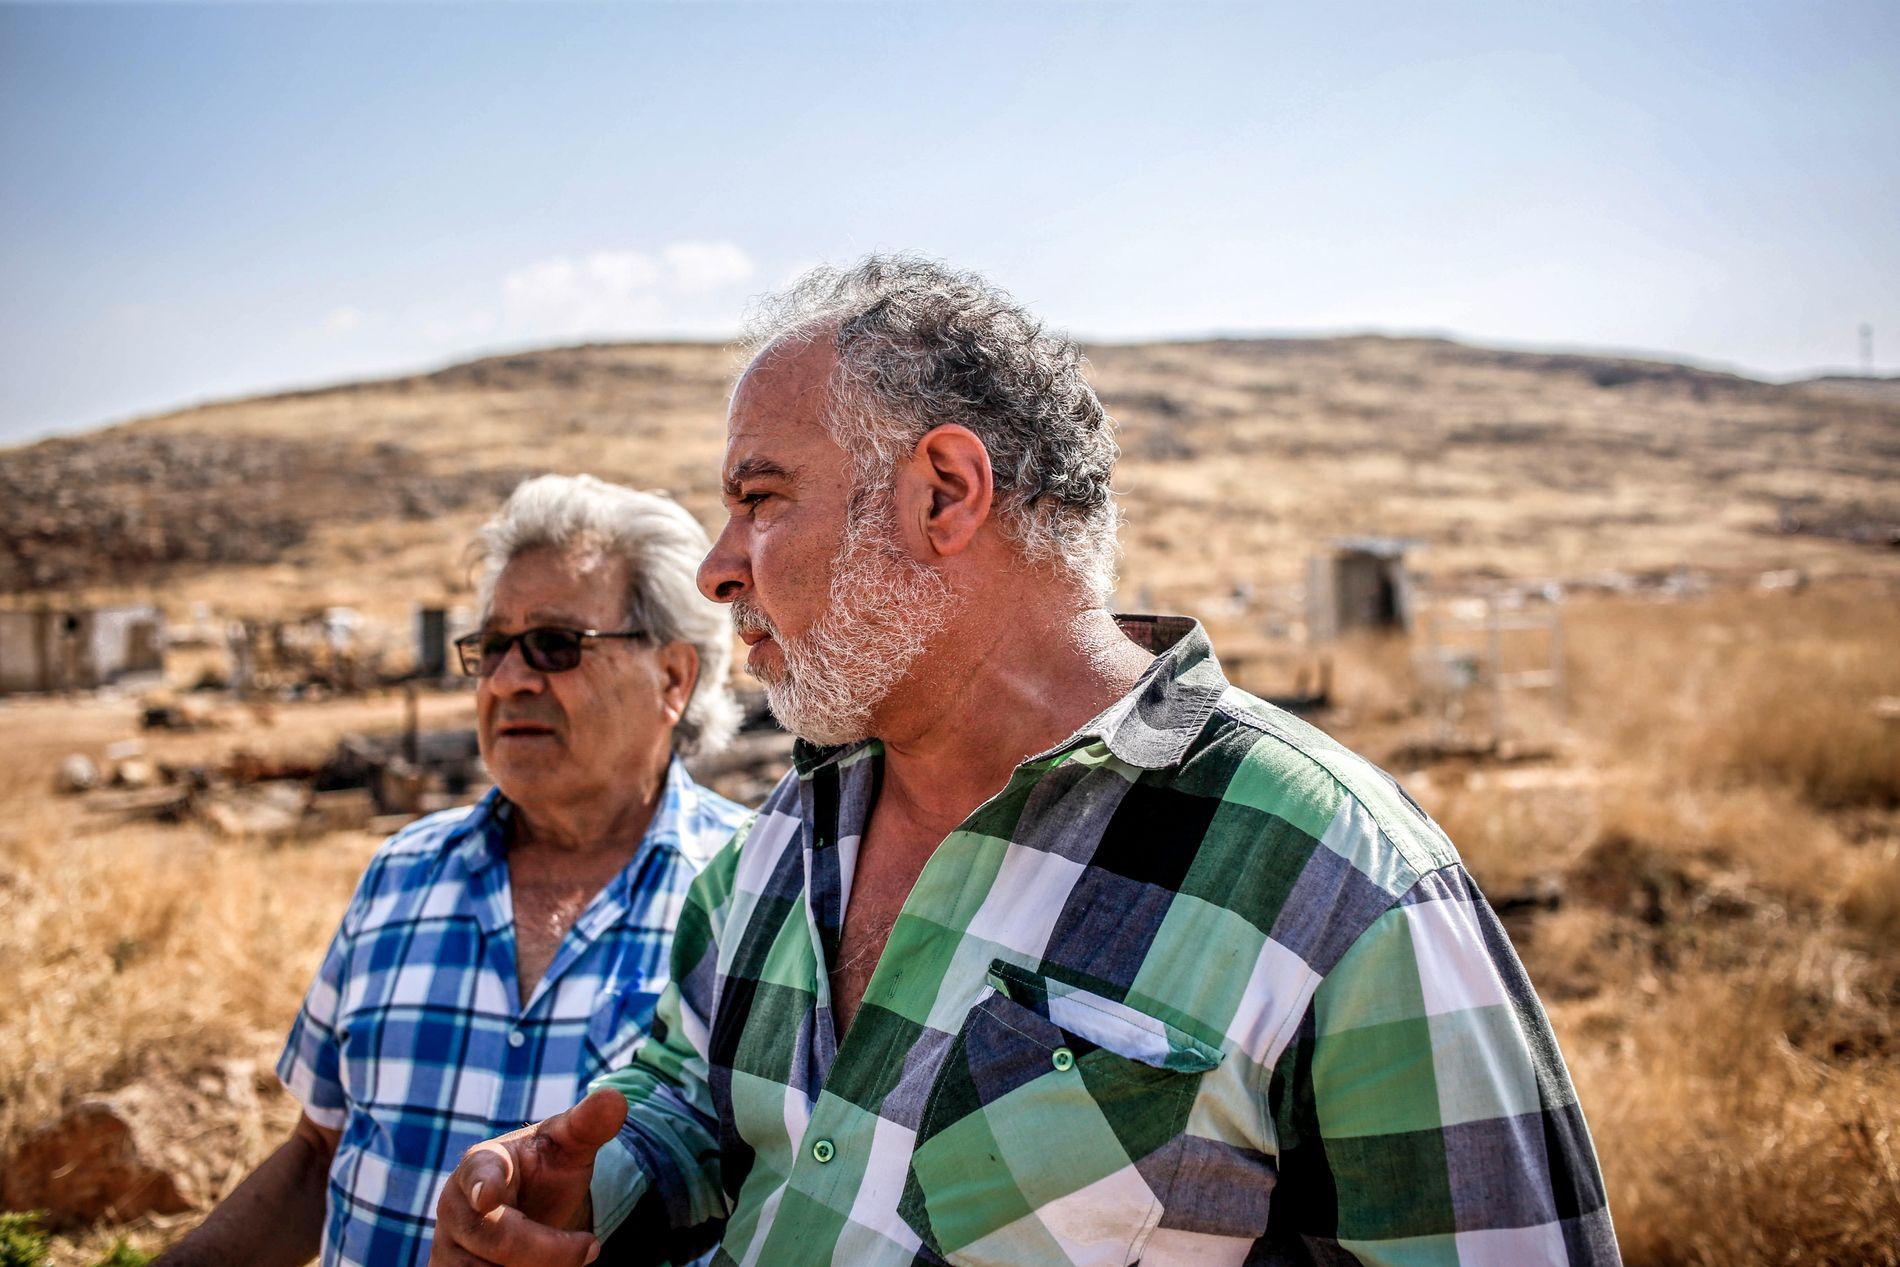 SINNE: Michel Rahmeh (53) og John Attalh (73) beskylder syrerne for kriminalitet og vold. De vil sende syrere i Libanon tilbake.